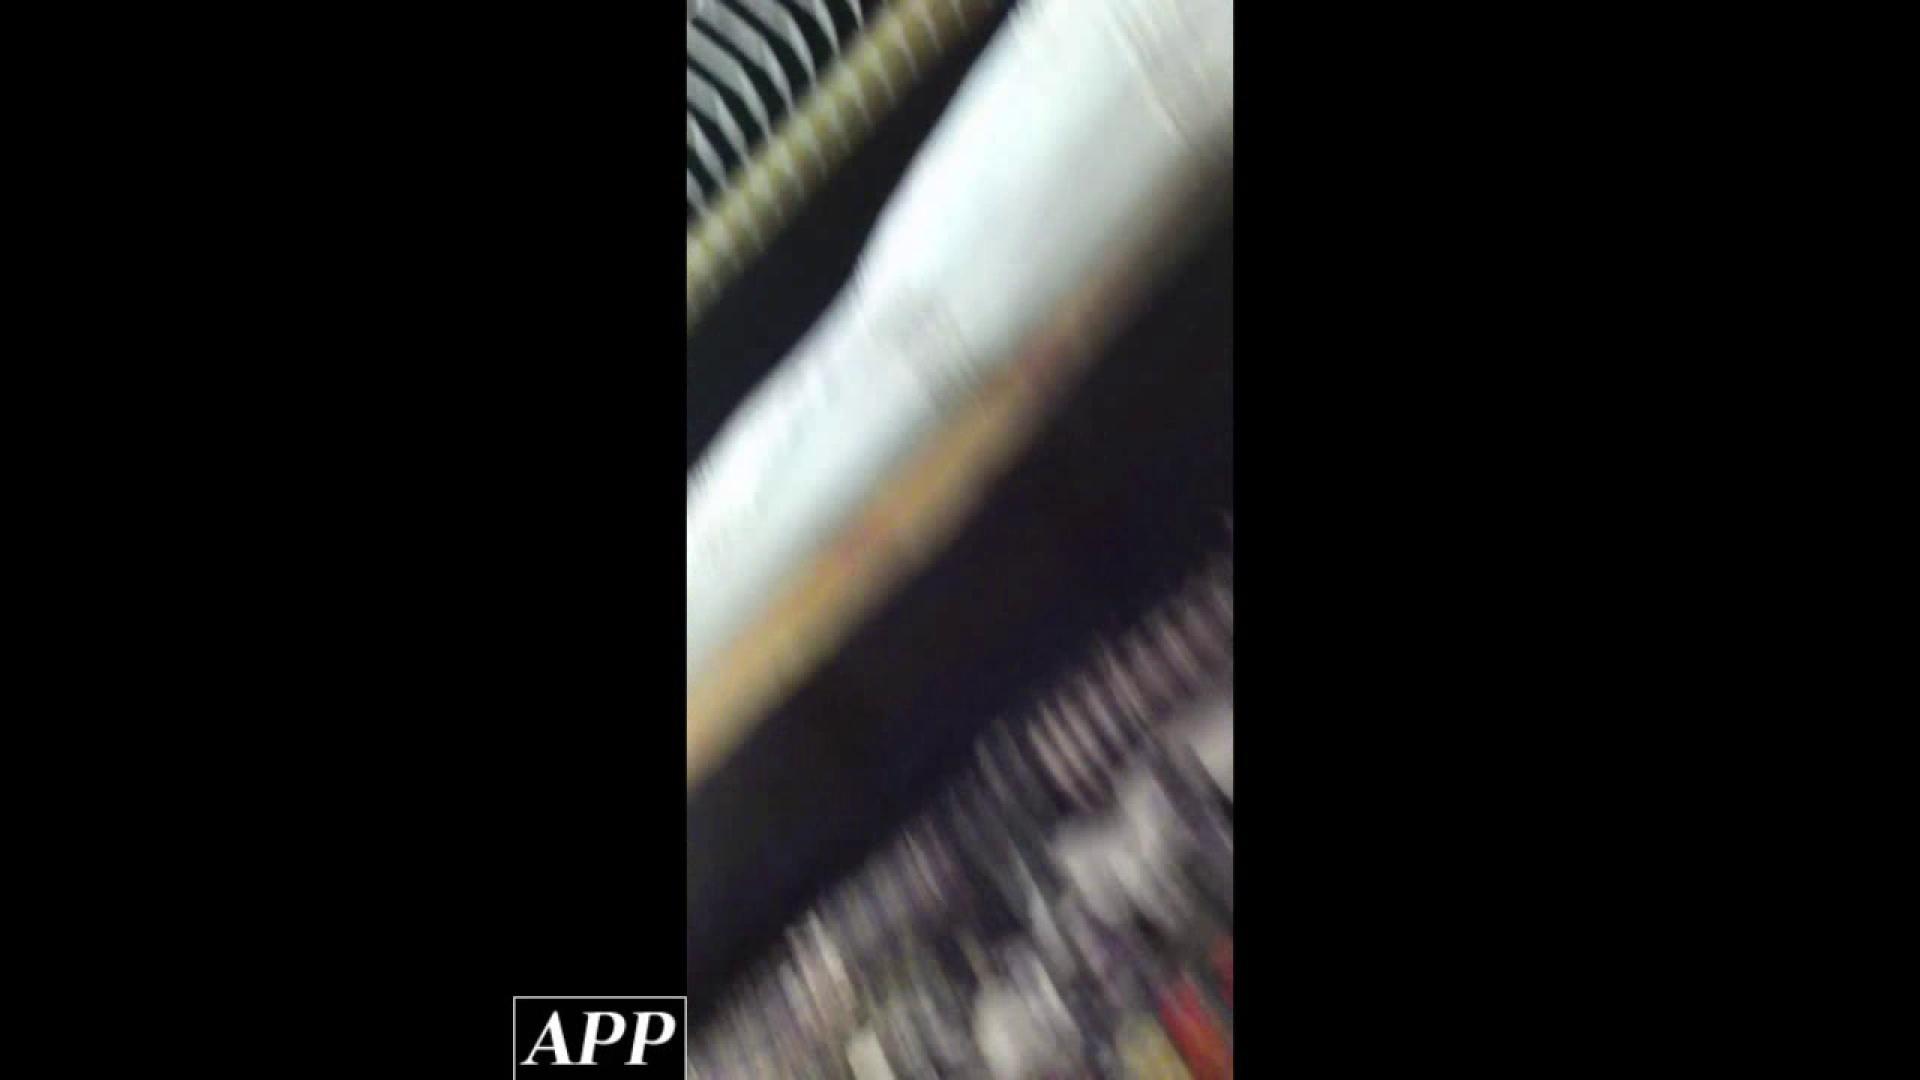 ハイビジョン盗撮!ショップ店員千人斬り!胸チラ編 vol.74 チラ 盗撮AV動画キャプチャ 74画像 39